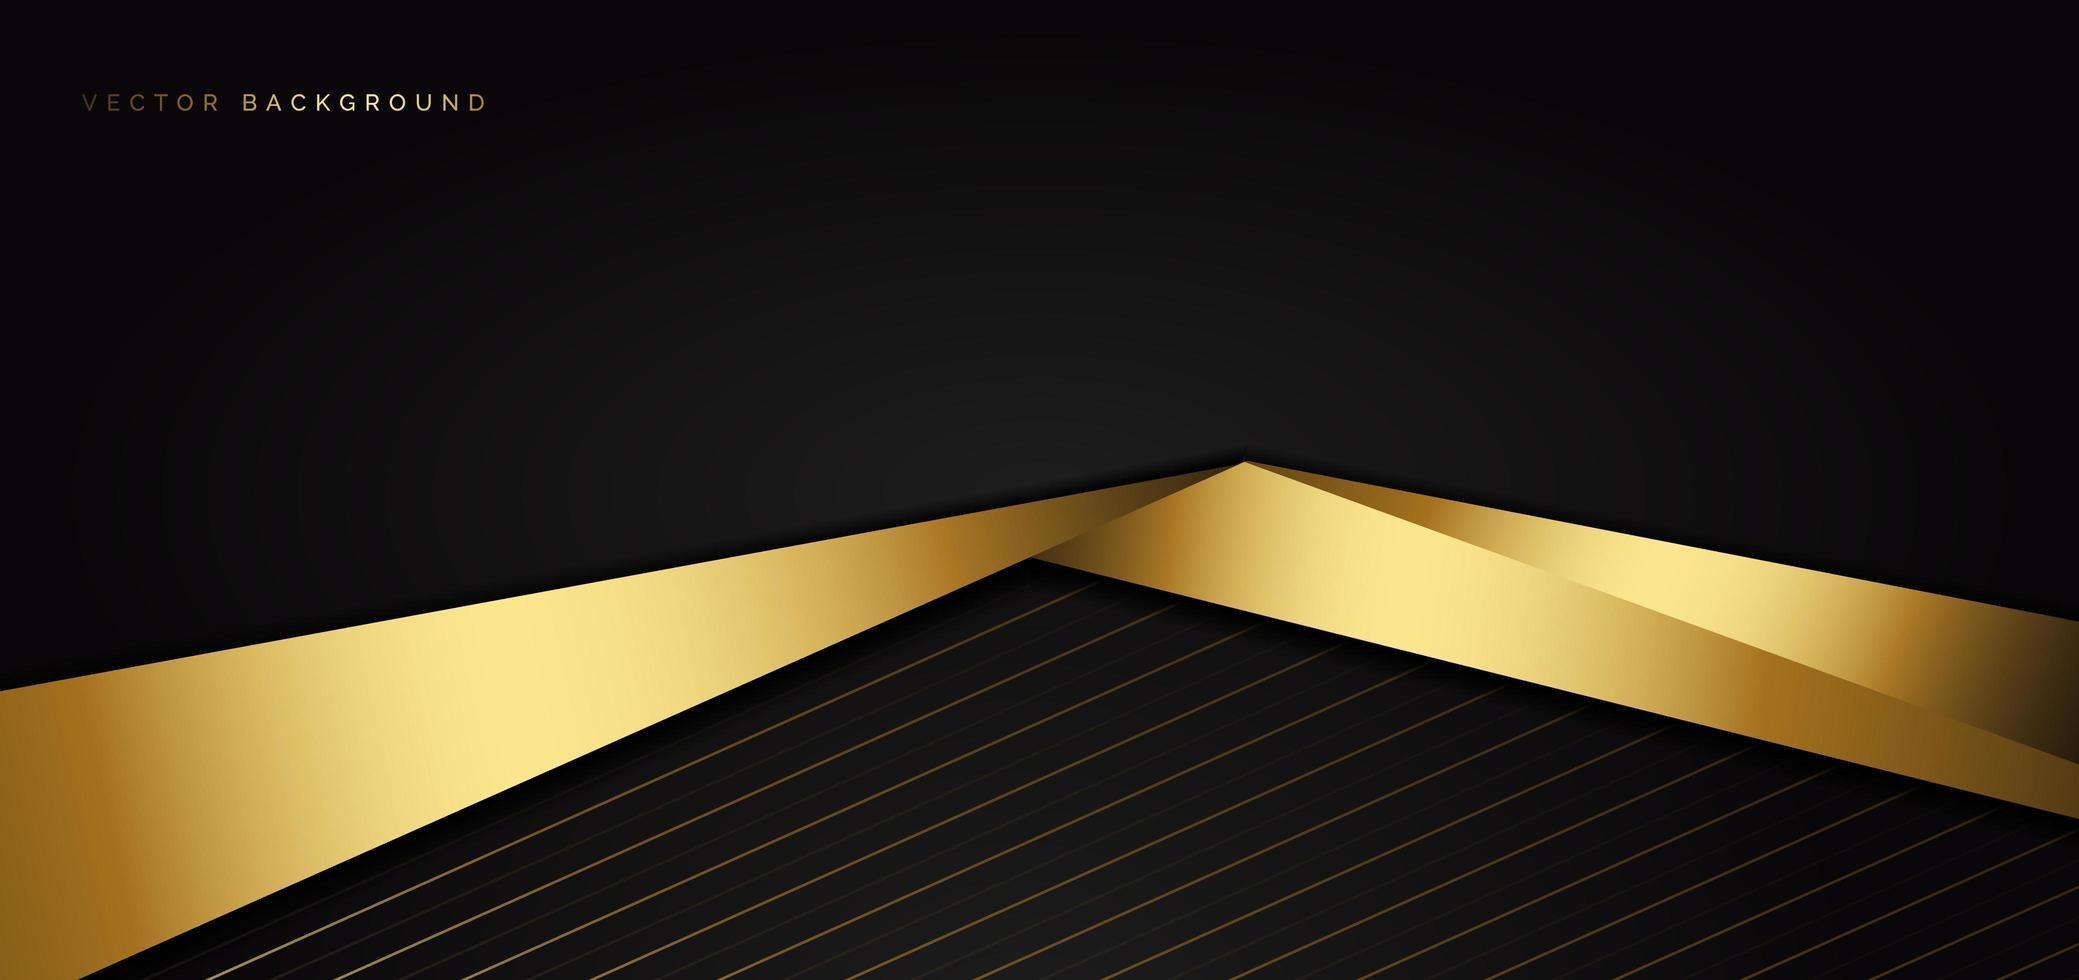 modelo abstrato com fundo de triângulo preto vetor